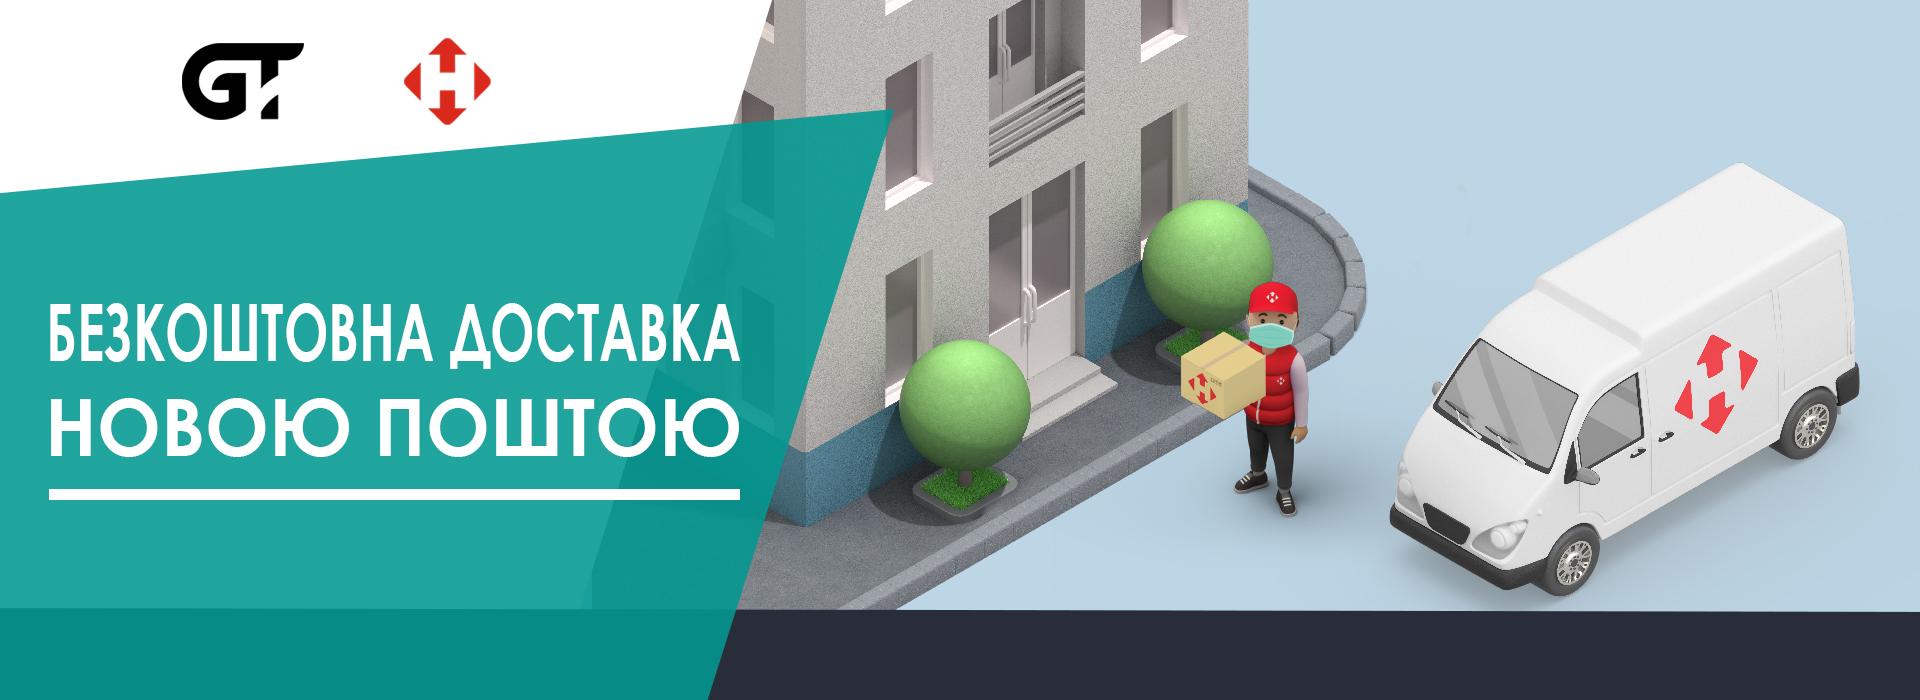 Безкоштовна доставка Новою поштою!